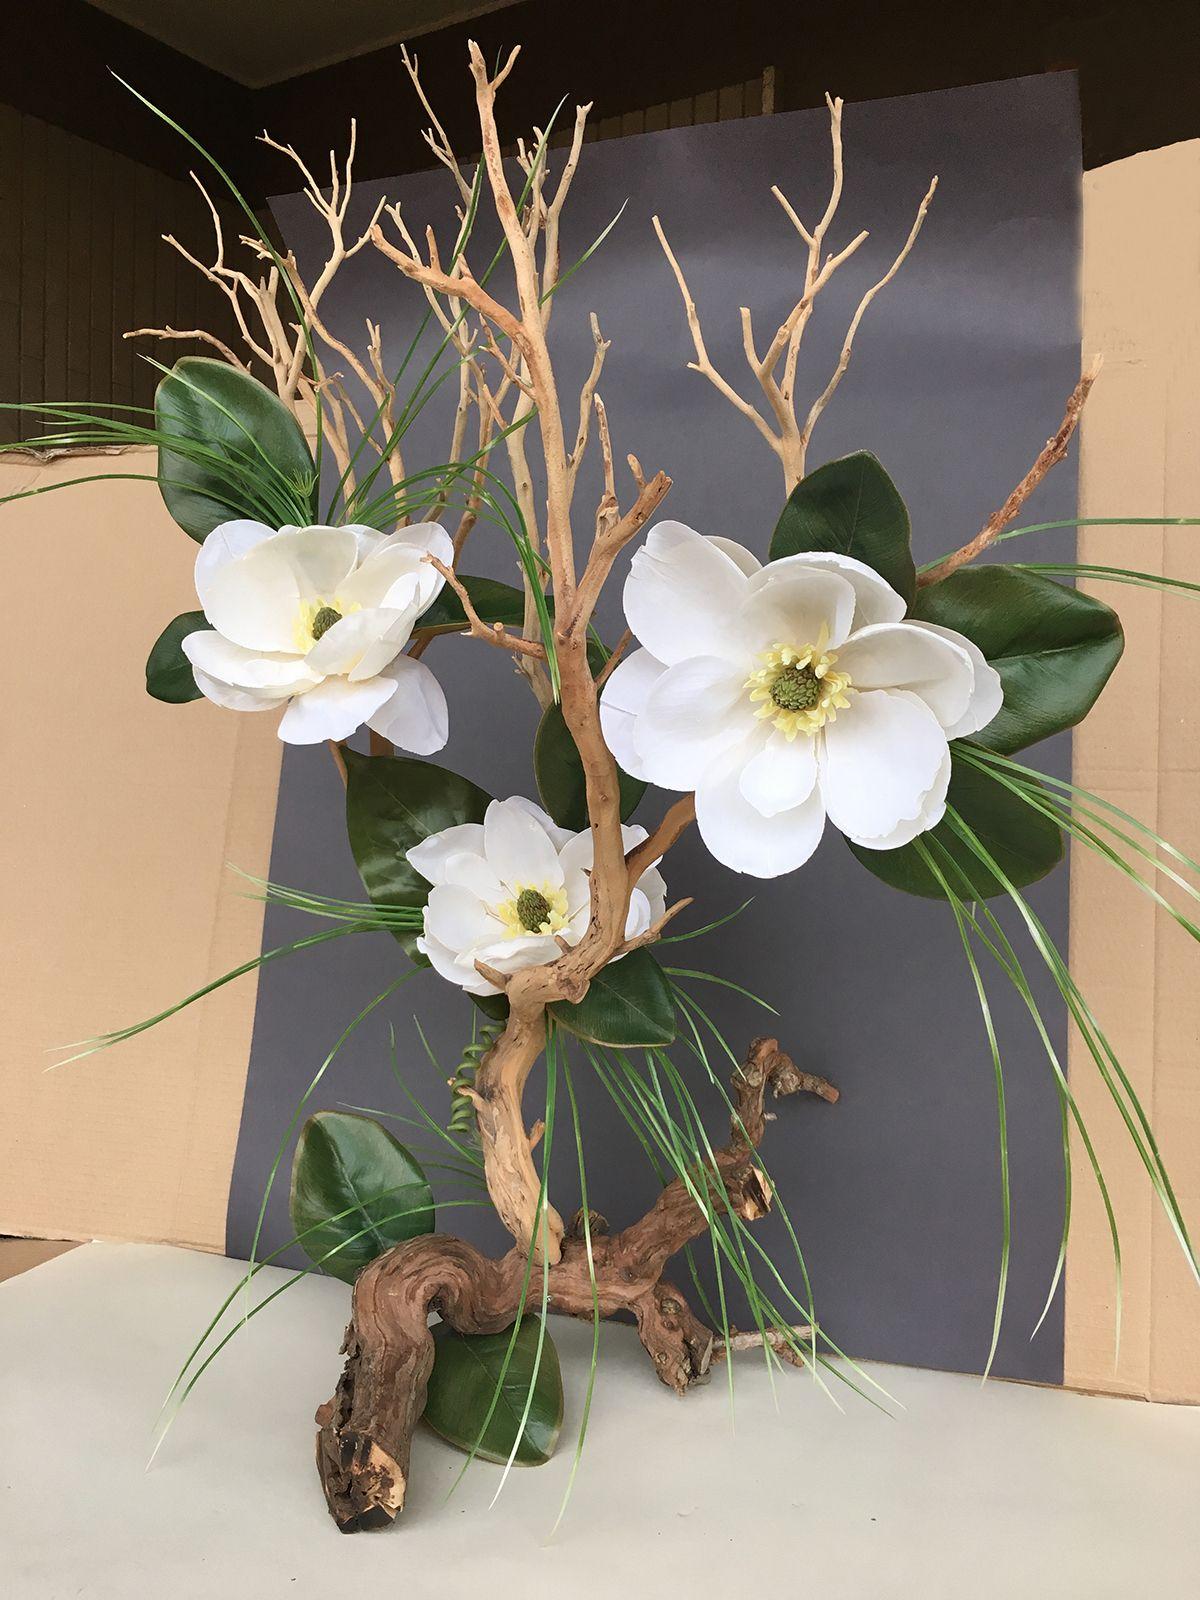 Decorazioni Natalizie Con Foglie Di Magnolia.Ramo Di Manzanite Naturale Con Foglie E Magnolie Artificiali